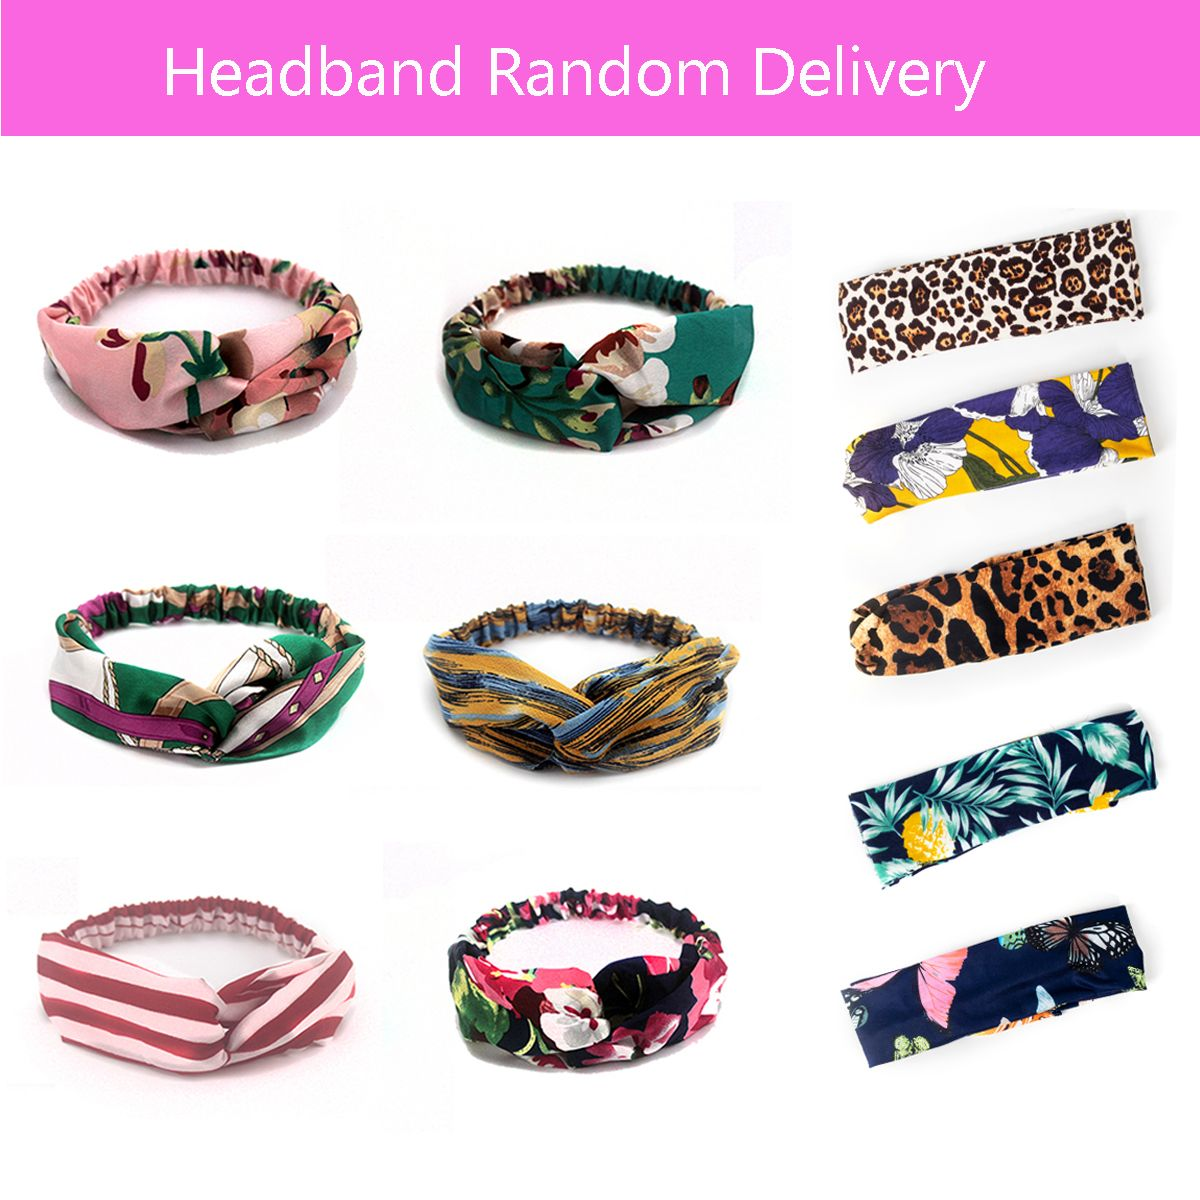 Headband-wig-gift